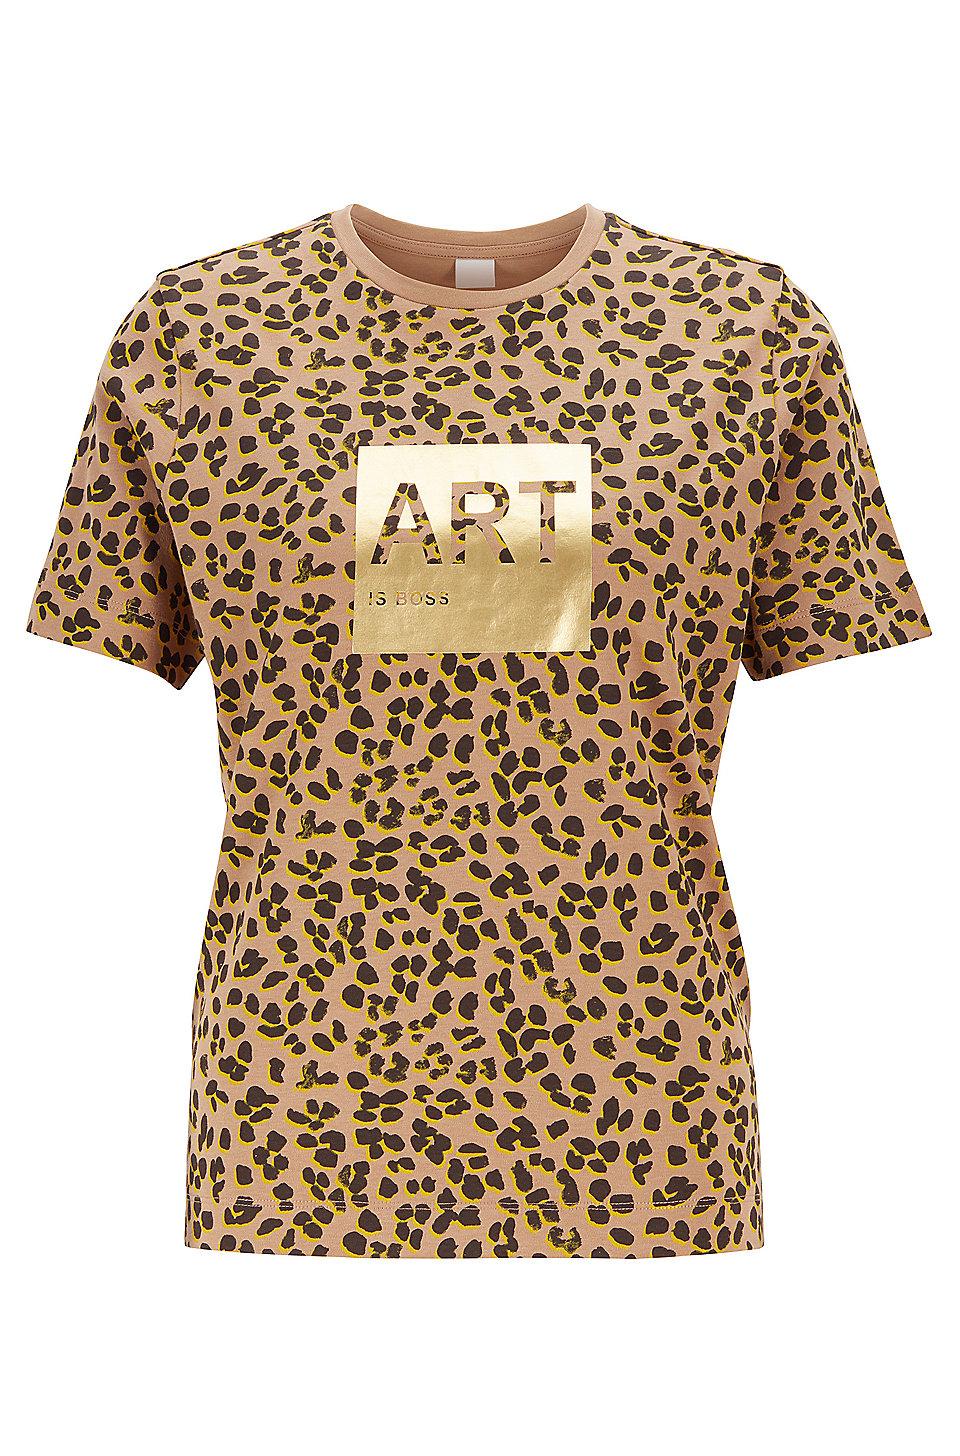 BOSS T Shirt aus Supima Baumwolle mit Leoparden Print und Folien Artwork